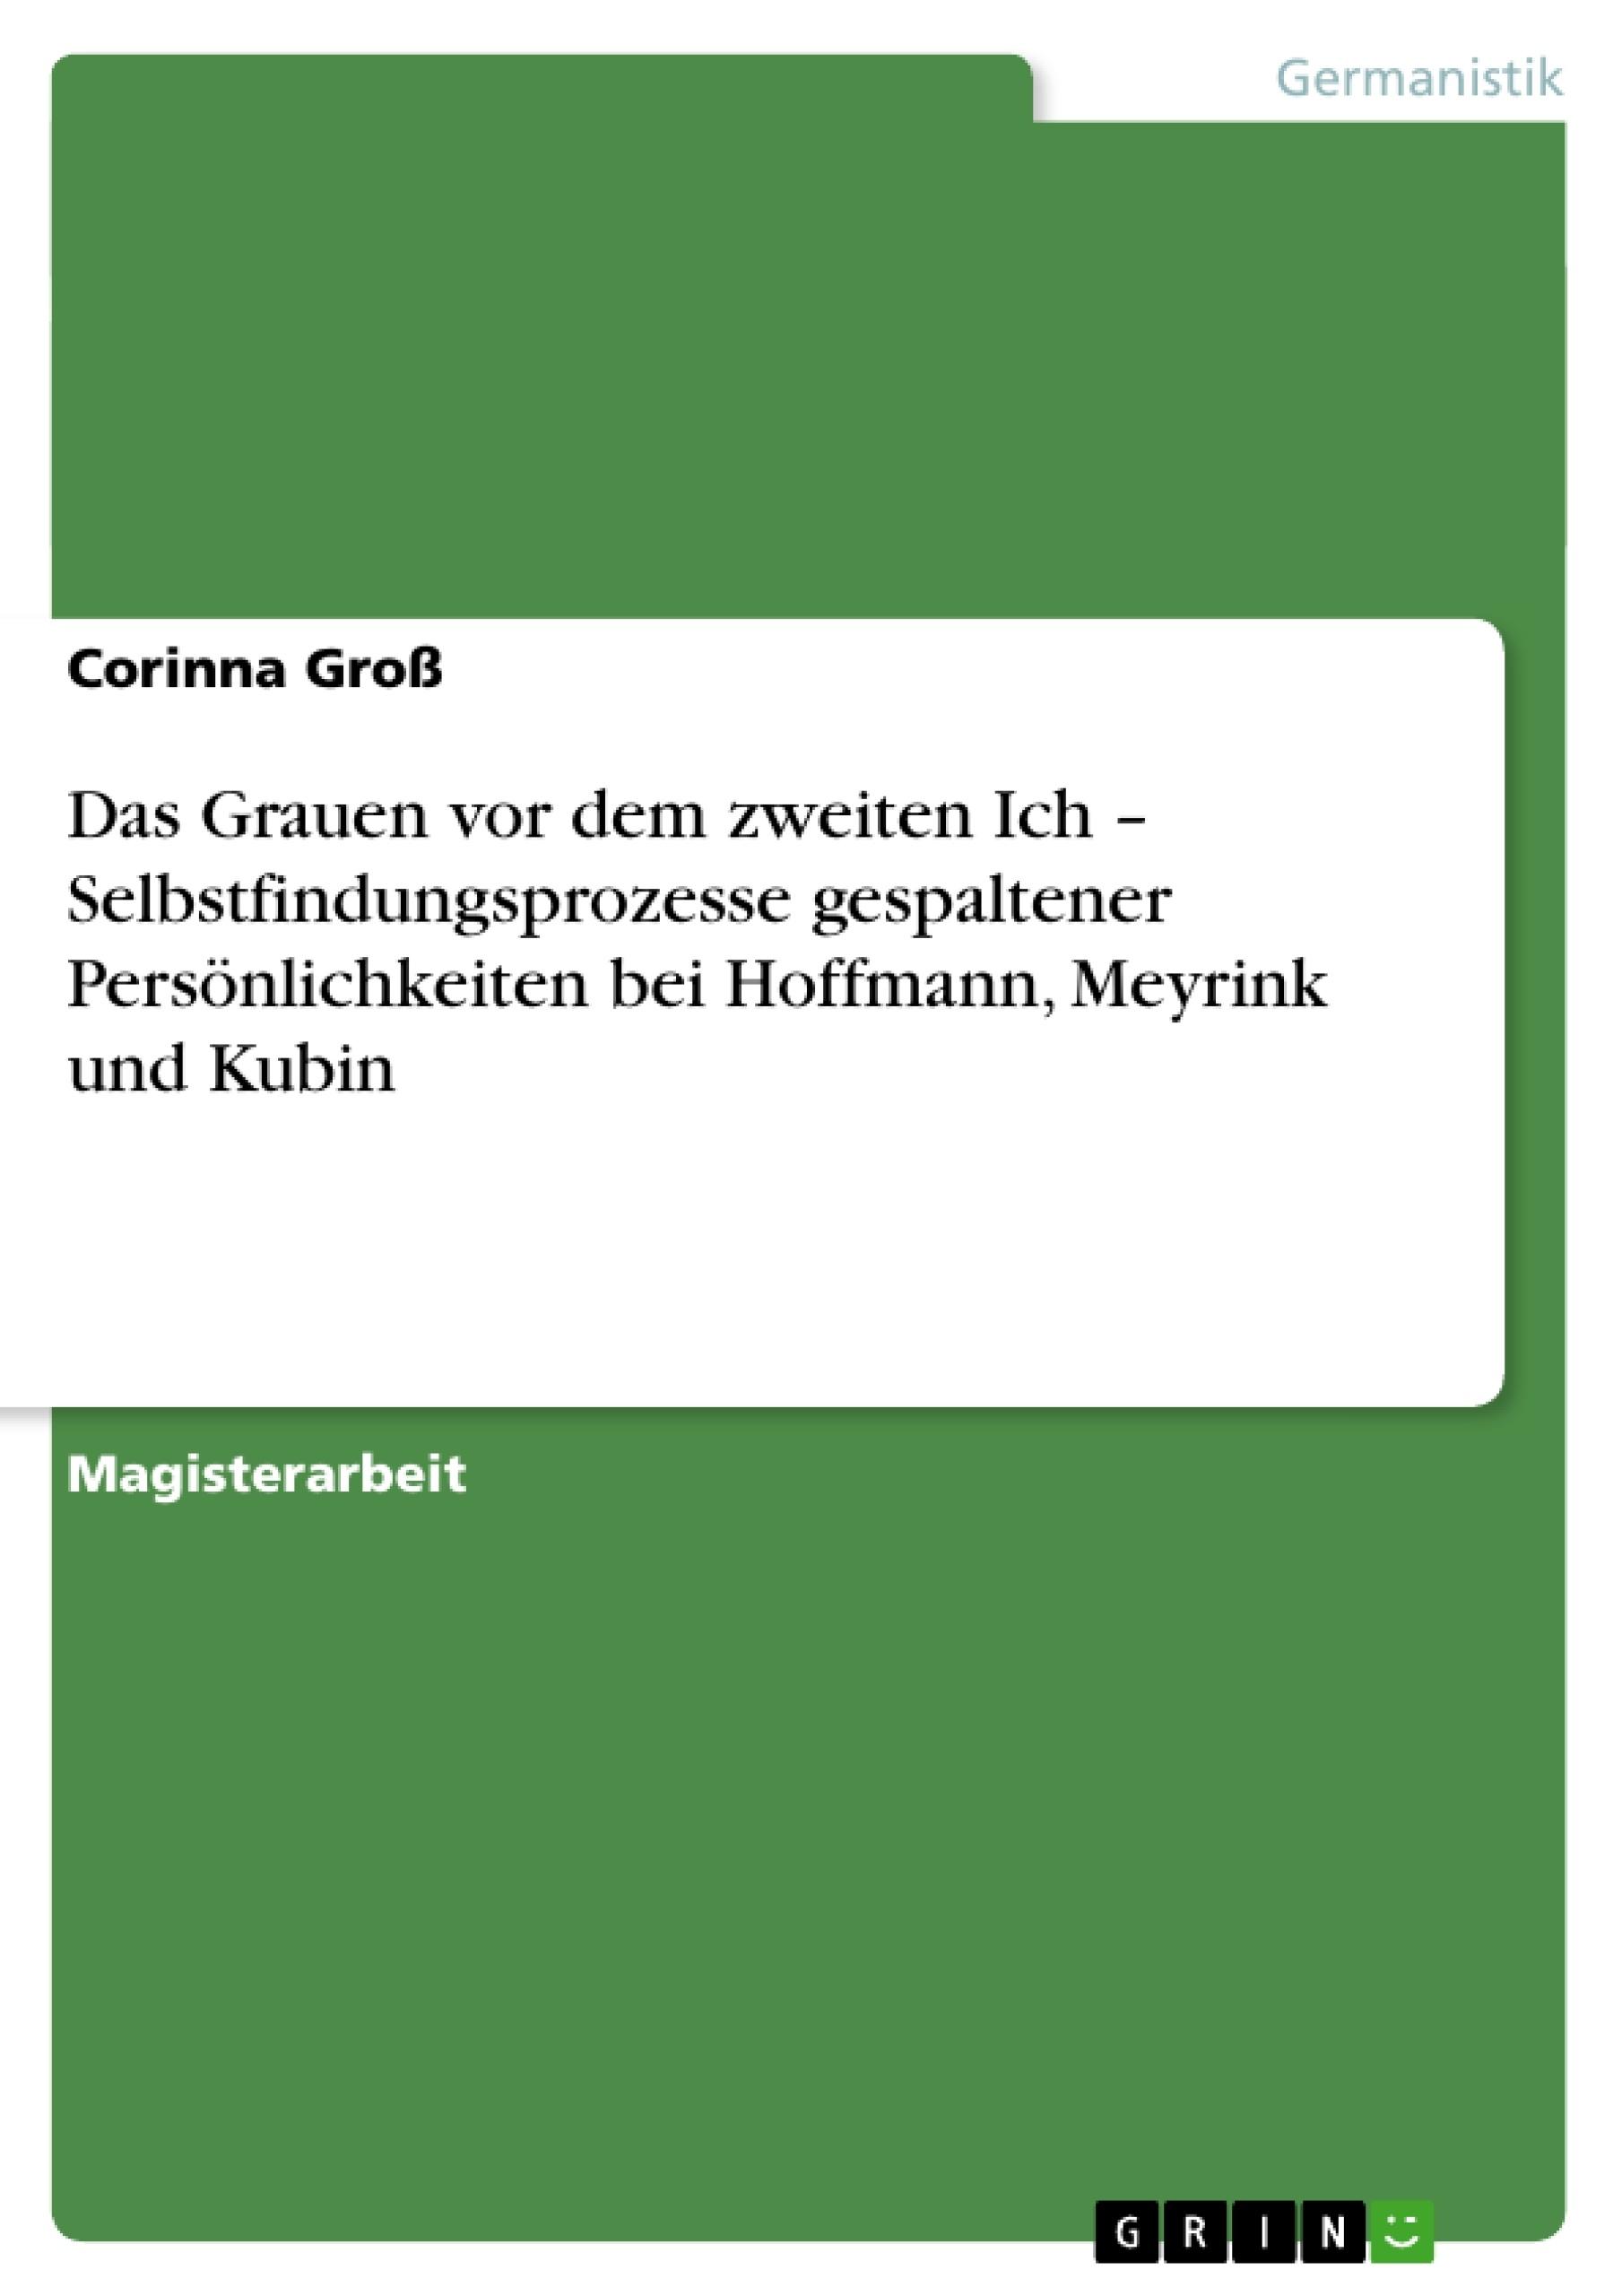 Titel: Das Grauen vor dem zweiten Ich – Selbstfindungsprozesse gespaltener Persönlichkeiten bei Hoffmann, Meyrink und Kubin